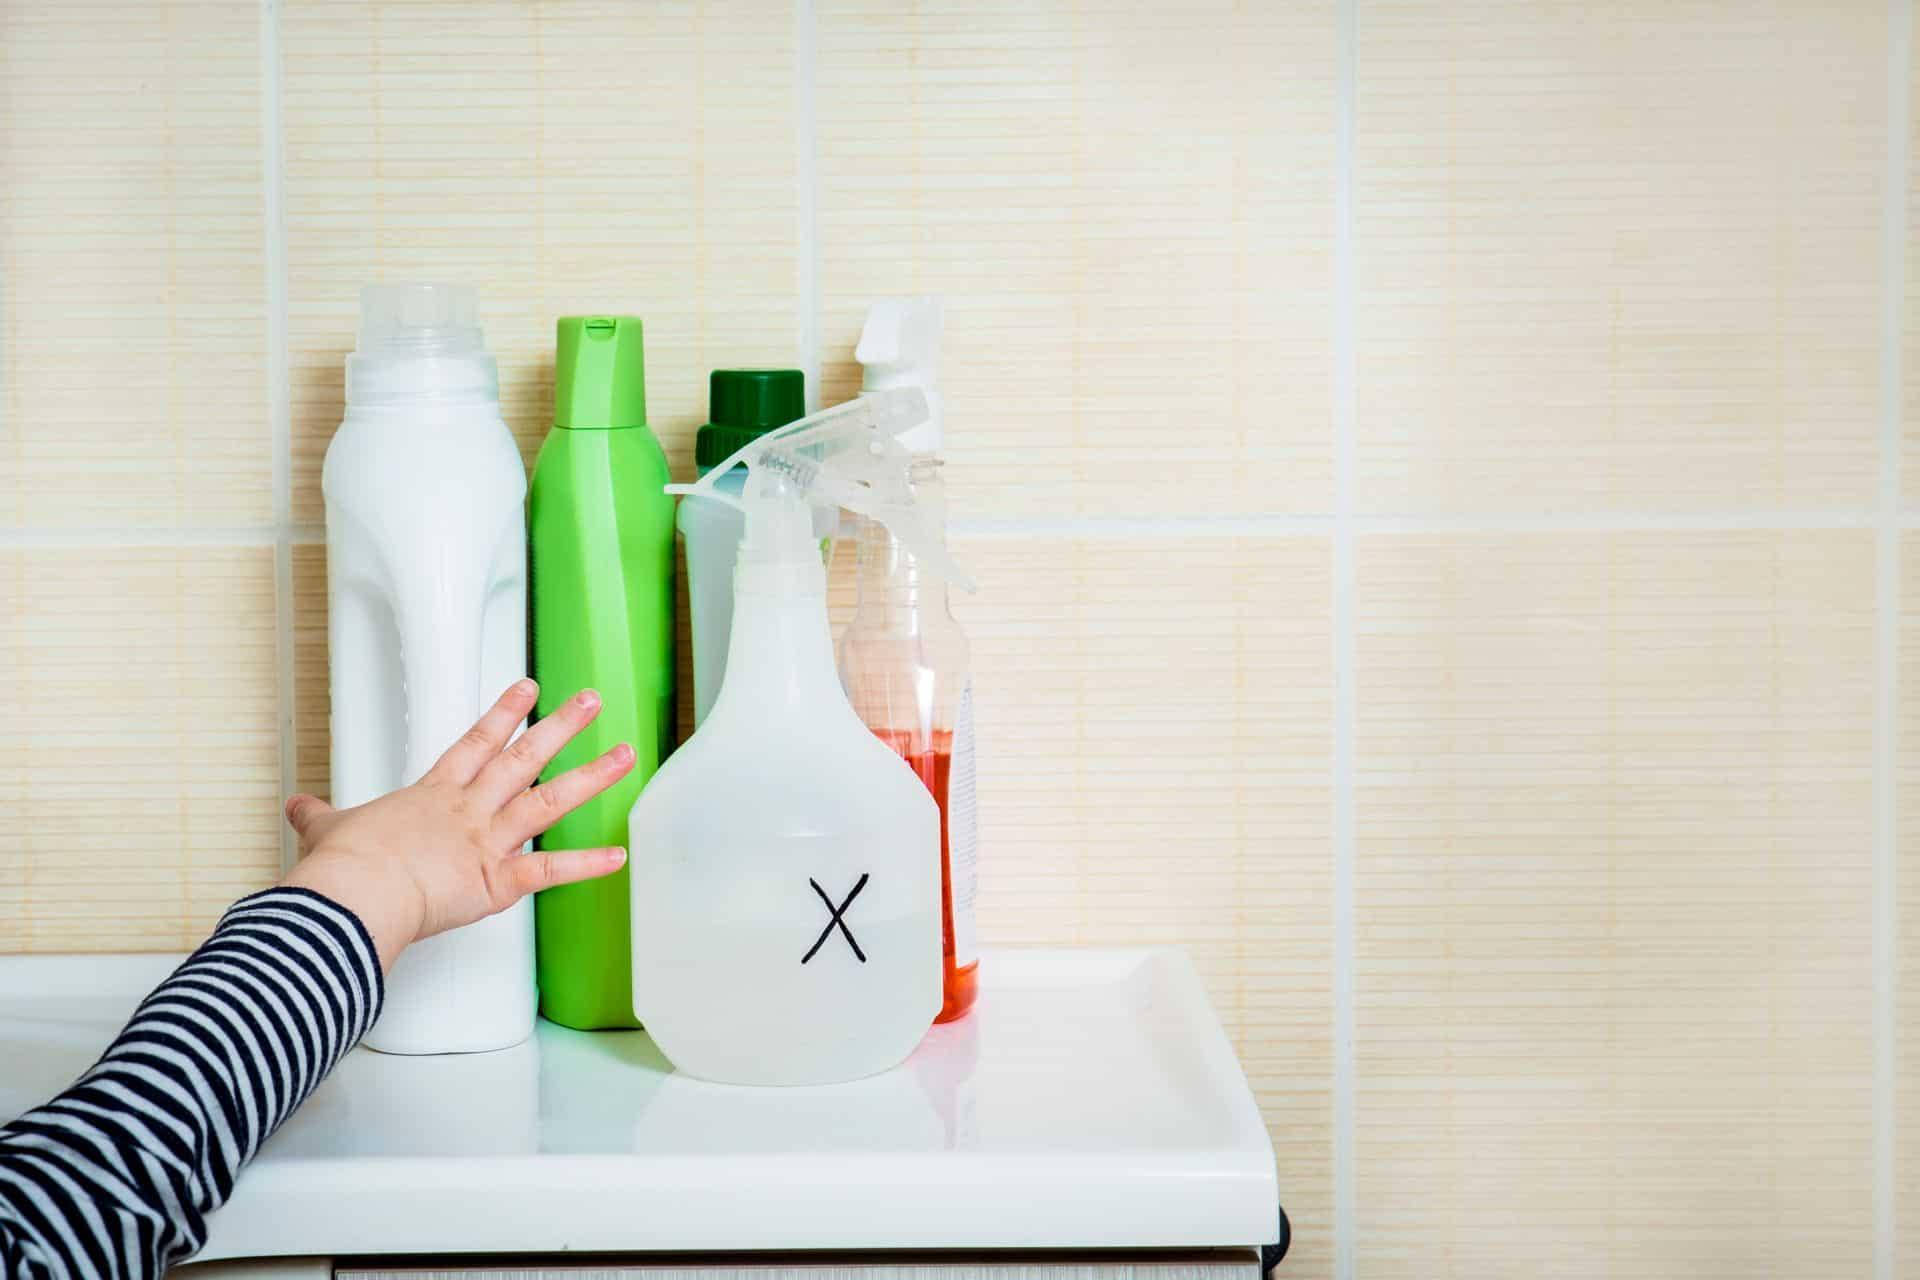 Vergiftiging bij kinderen: wat moet je doen als je kindje gevaarlijke producten binnenkrijgt?